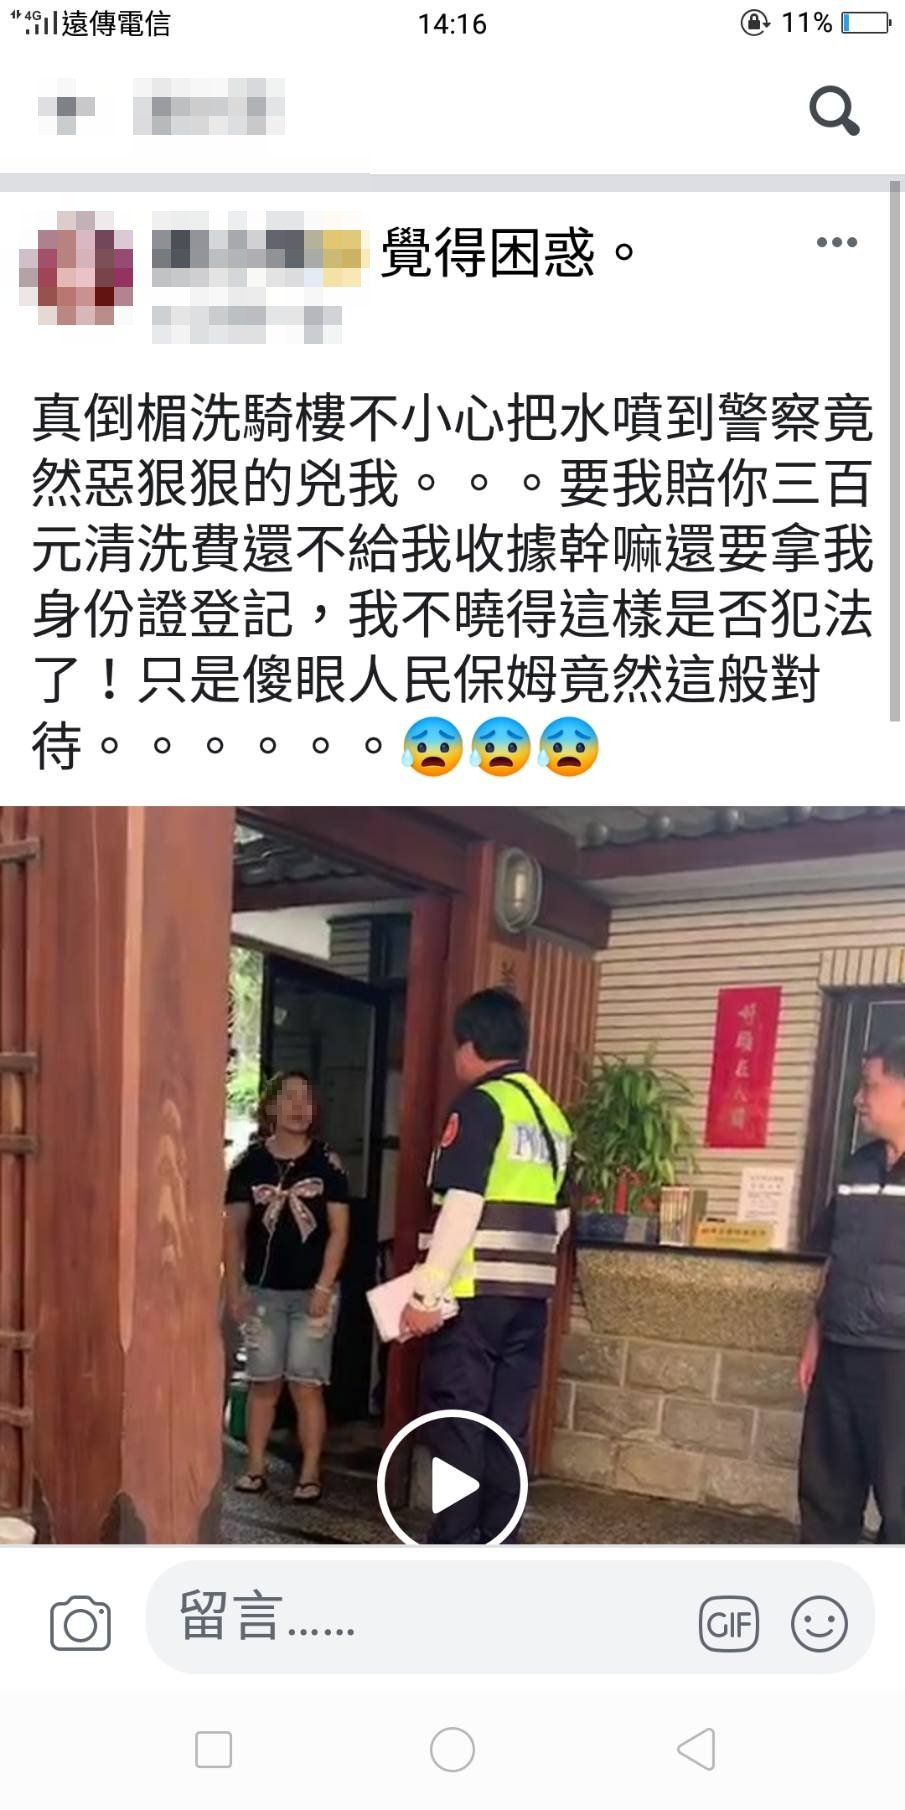 台中市辛姓小隊長執行拖吊勤務,卻遭婦人潑濕警察制服,雙方理論過程遭路人拍下PO網...